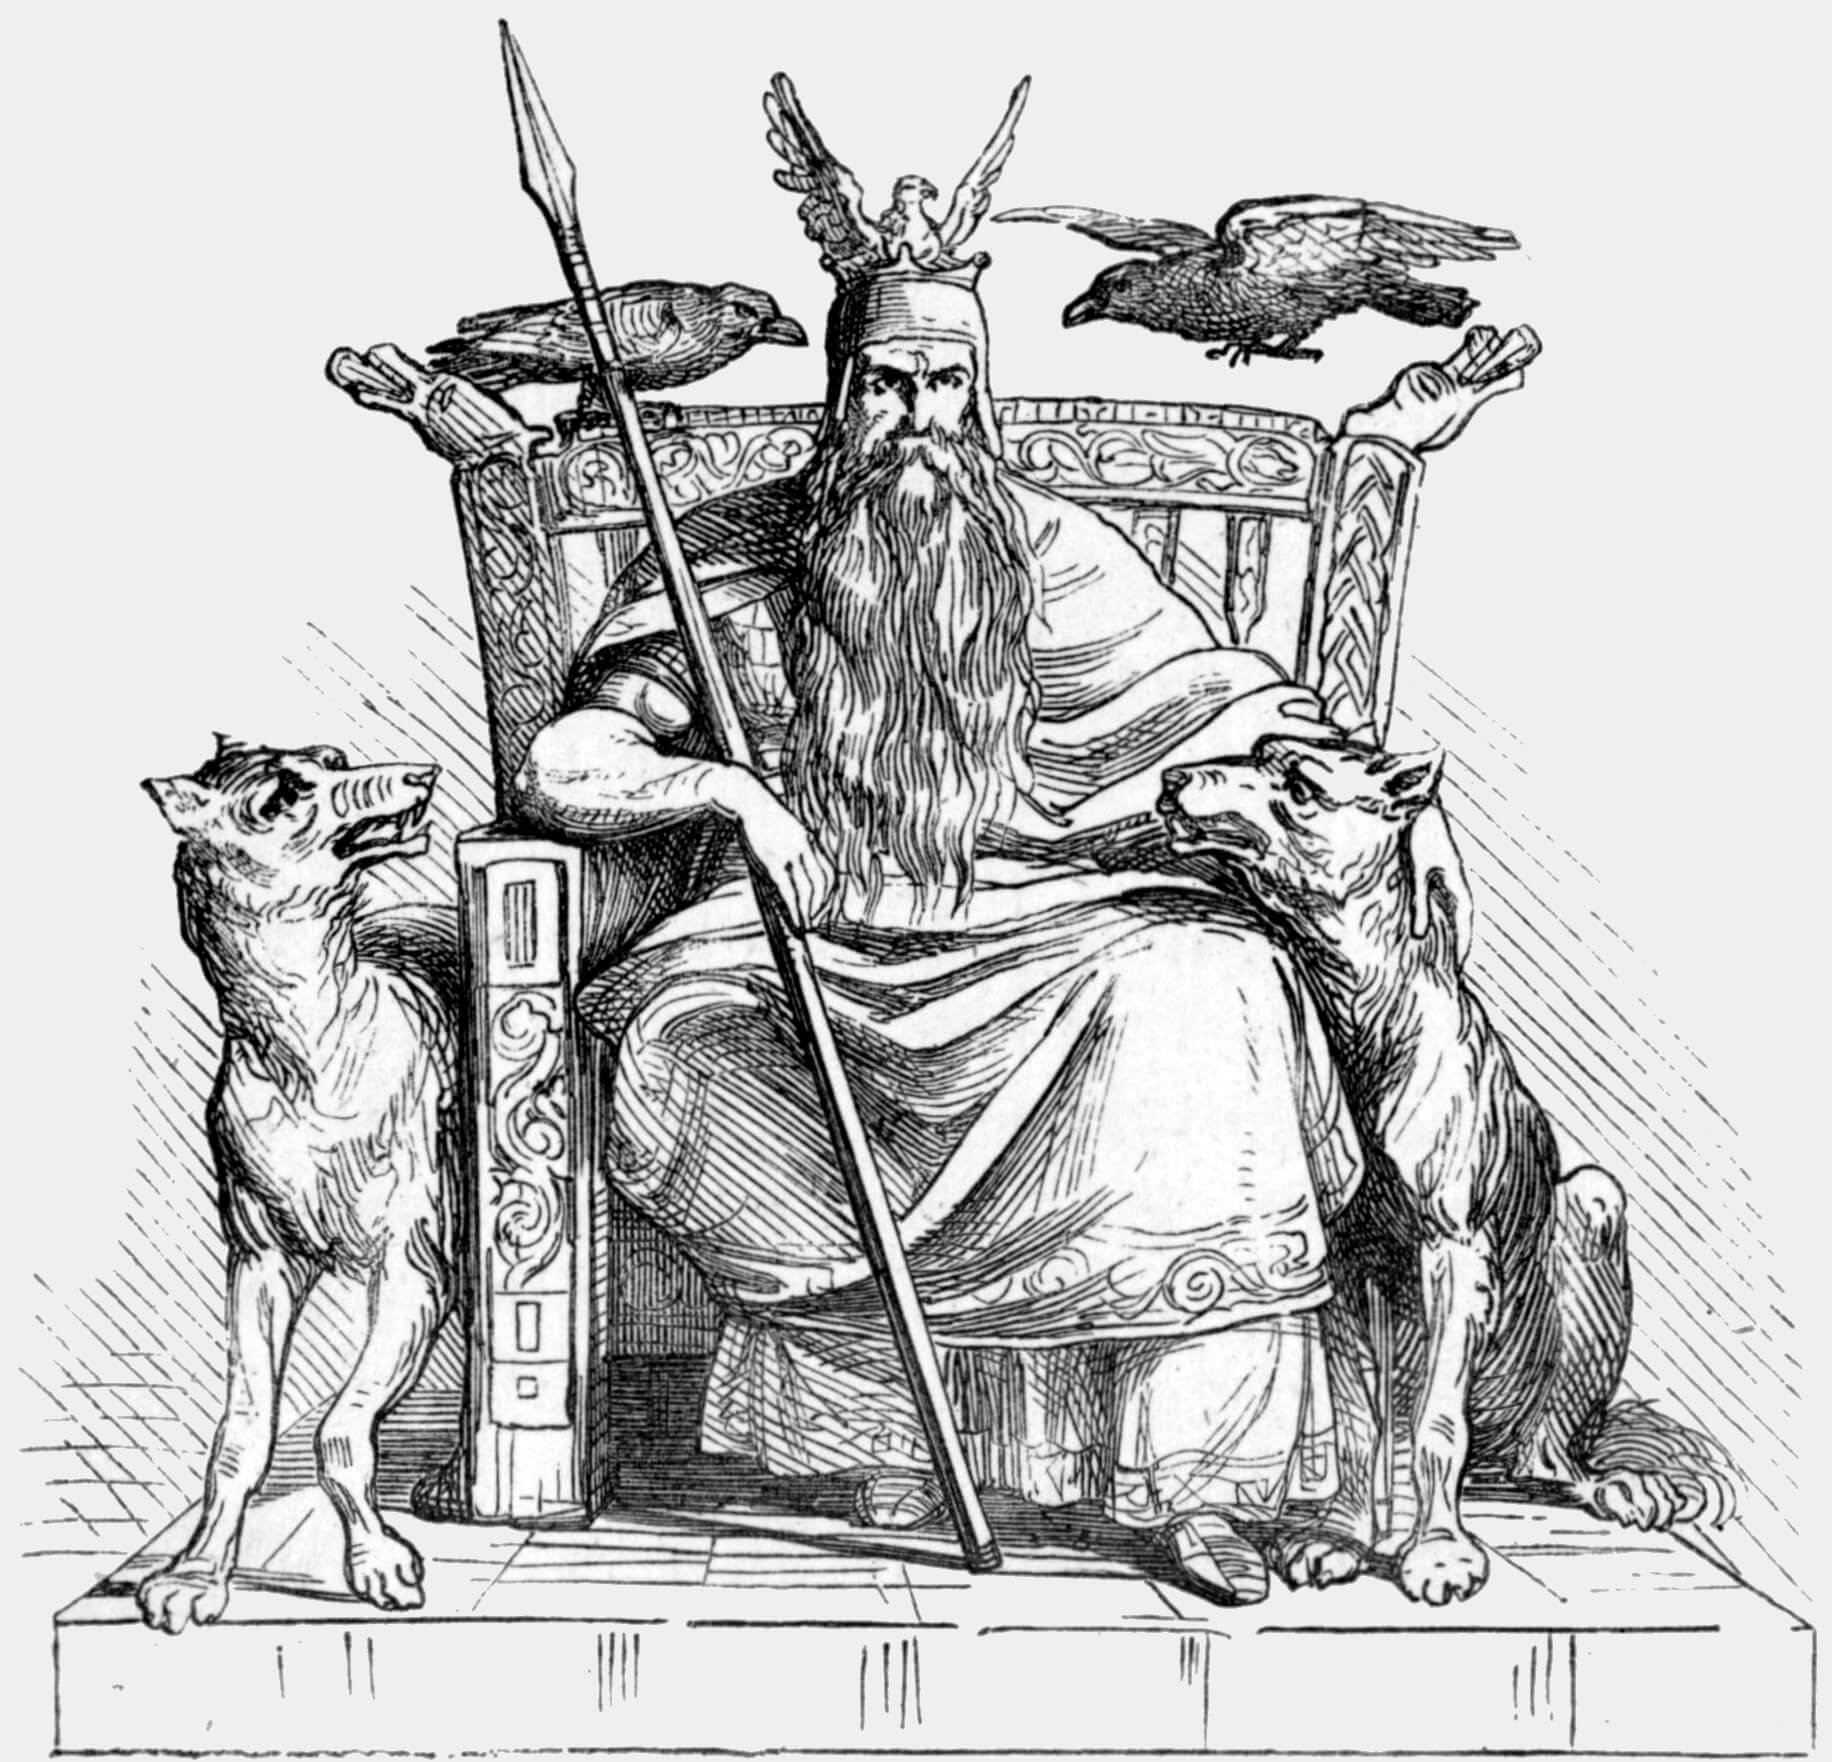 Odin representado sentado en su trono, armado con su lanza, acompañado por sus dos lobos Geri y Freki; y sus dos cuervos Hugin y Munin. Autor desconocido.